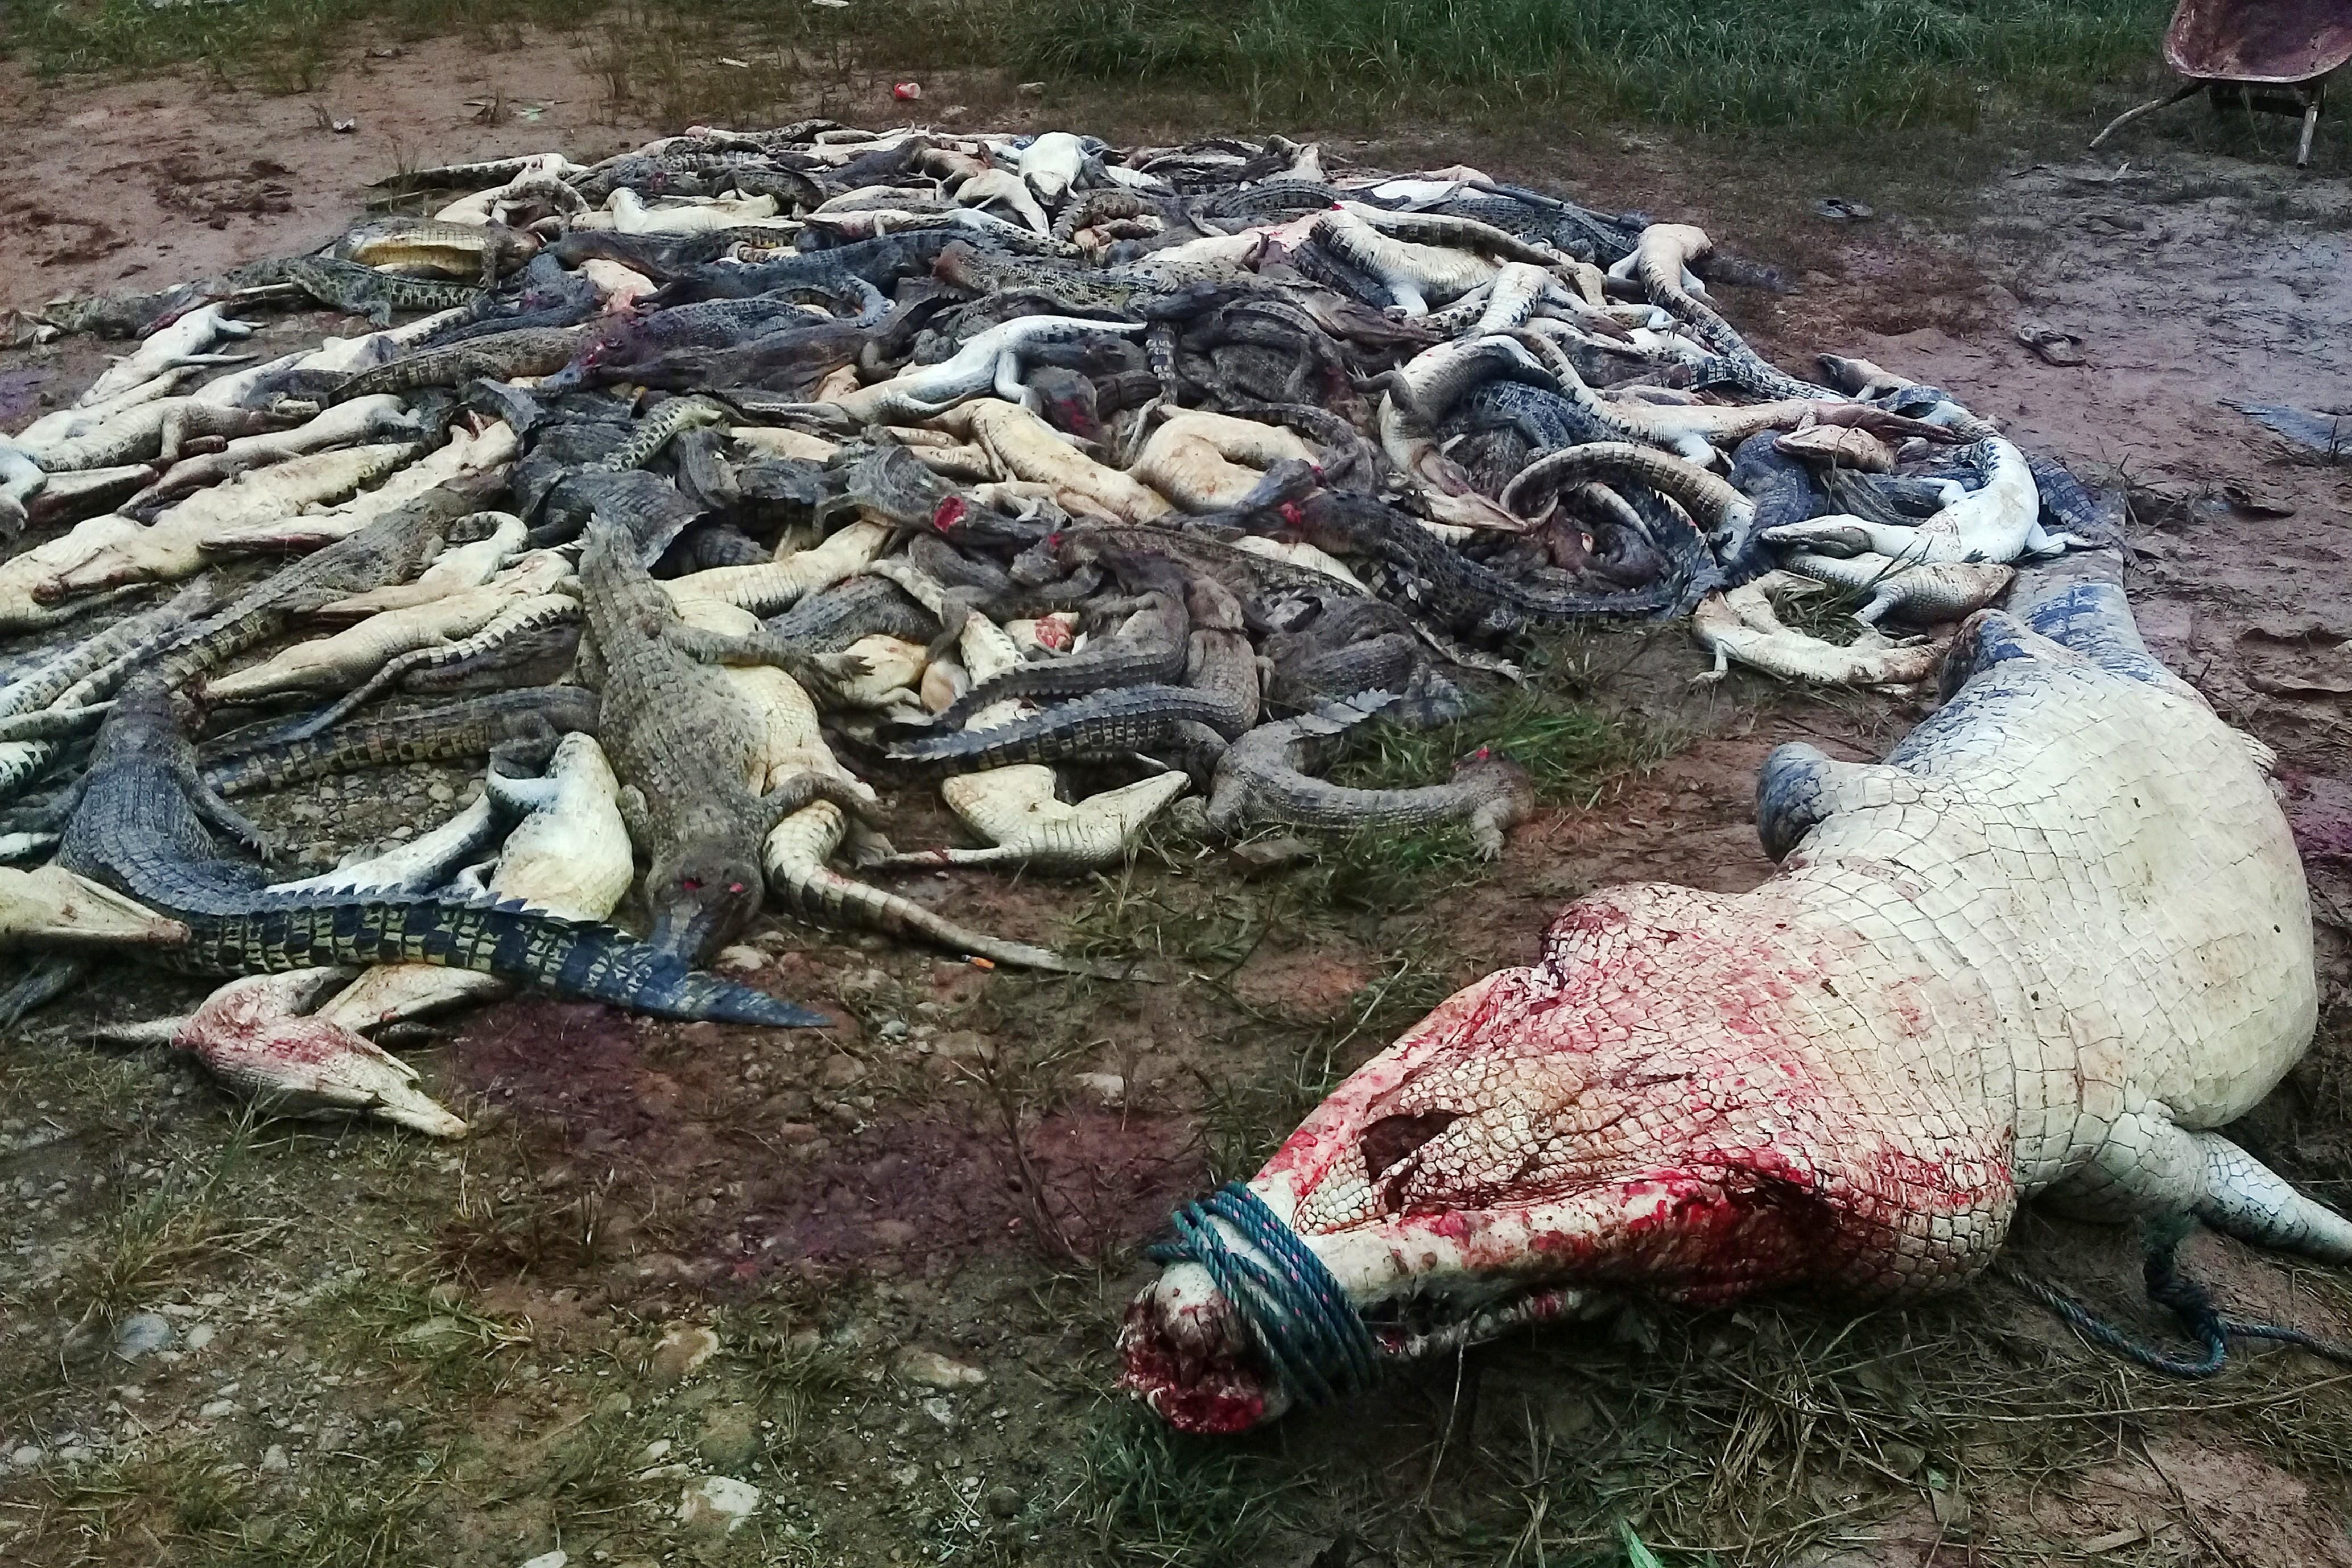 Háromszáz krokodilt mészároltak le falusiak egy indonéz krokodilfarmon